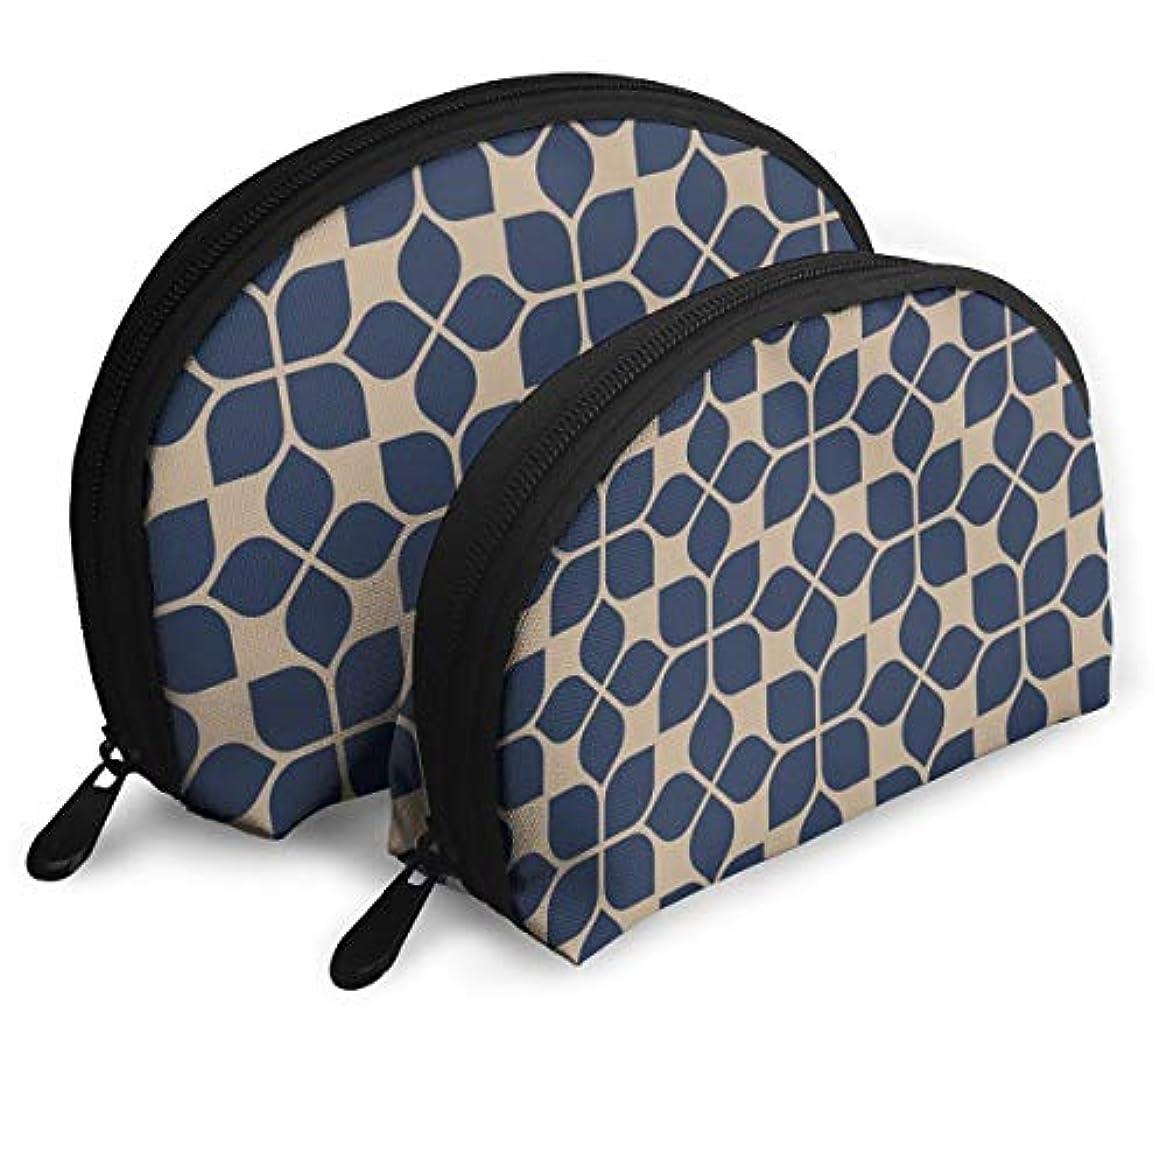 週末最初にオペレーターIntercoreyの革新的で膨脹可能なクッション旅行枕、首/頭のあごサポート旅行ボディ昼寝枕クッション飛行機/車/バス